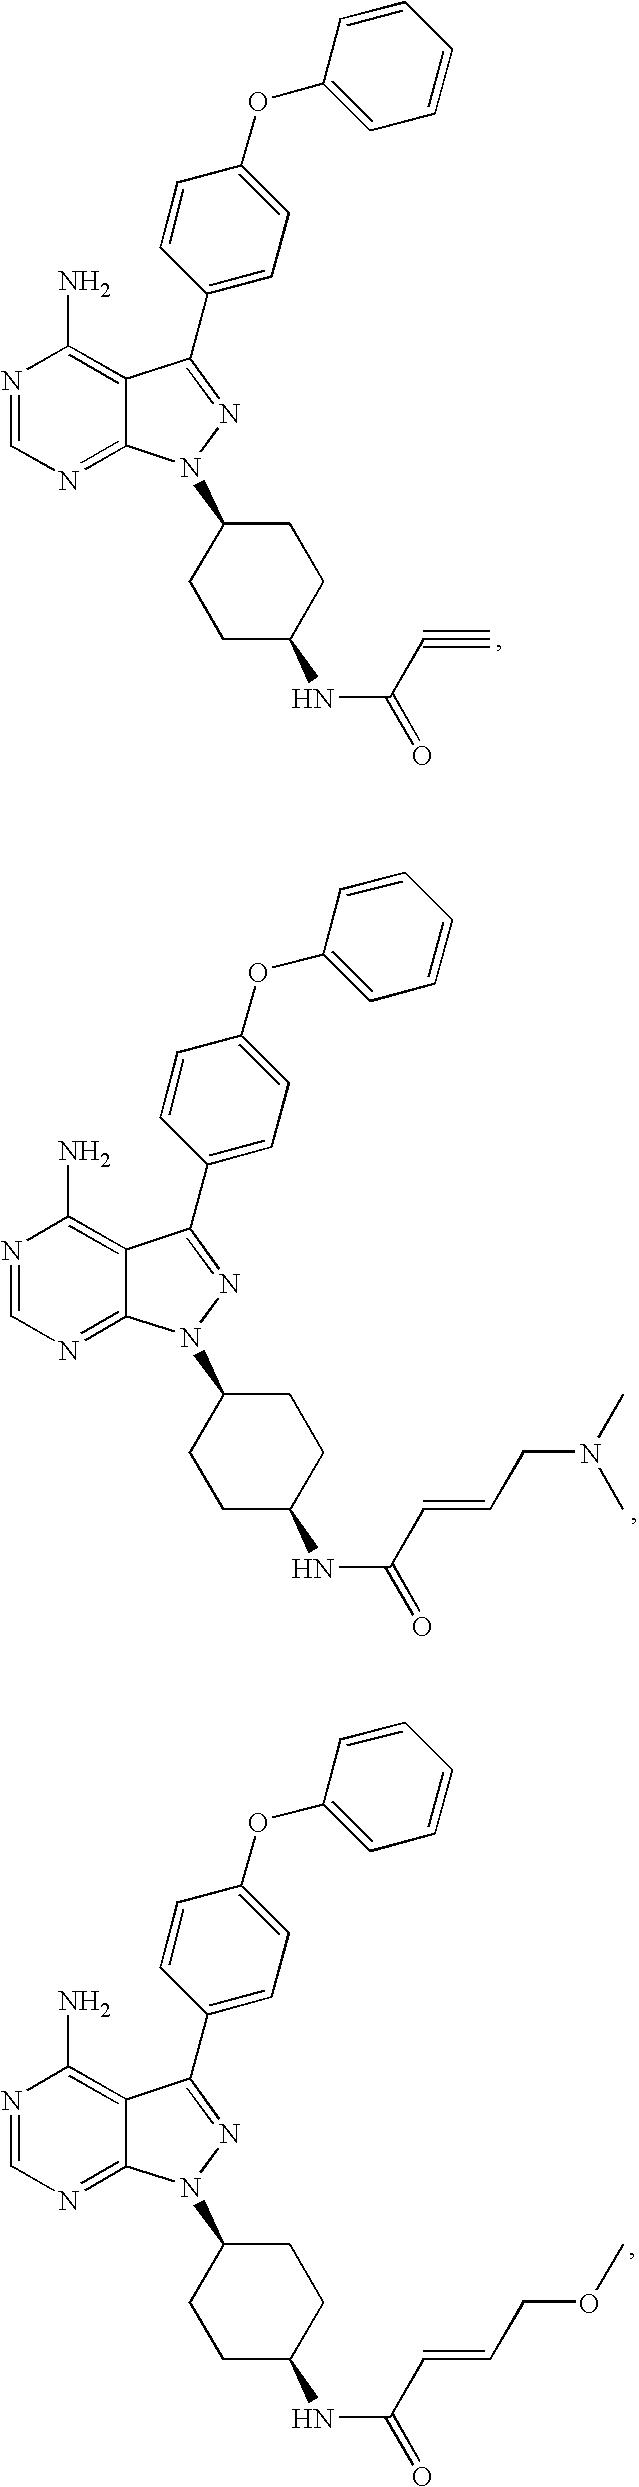 Figure US07514444-20090407-C00059